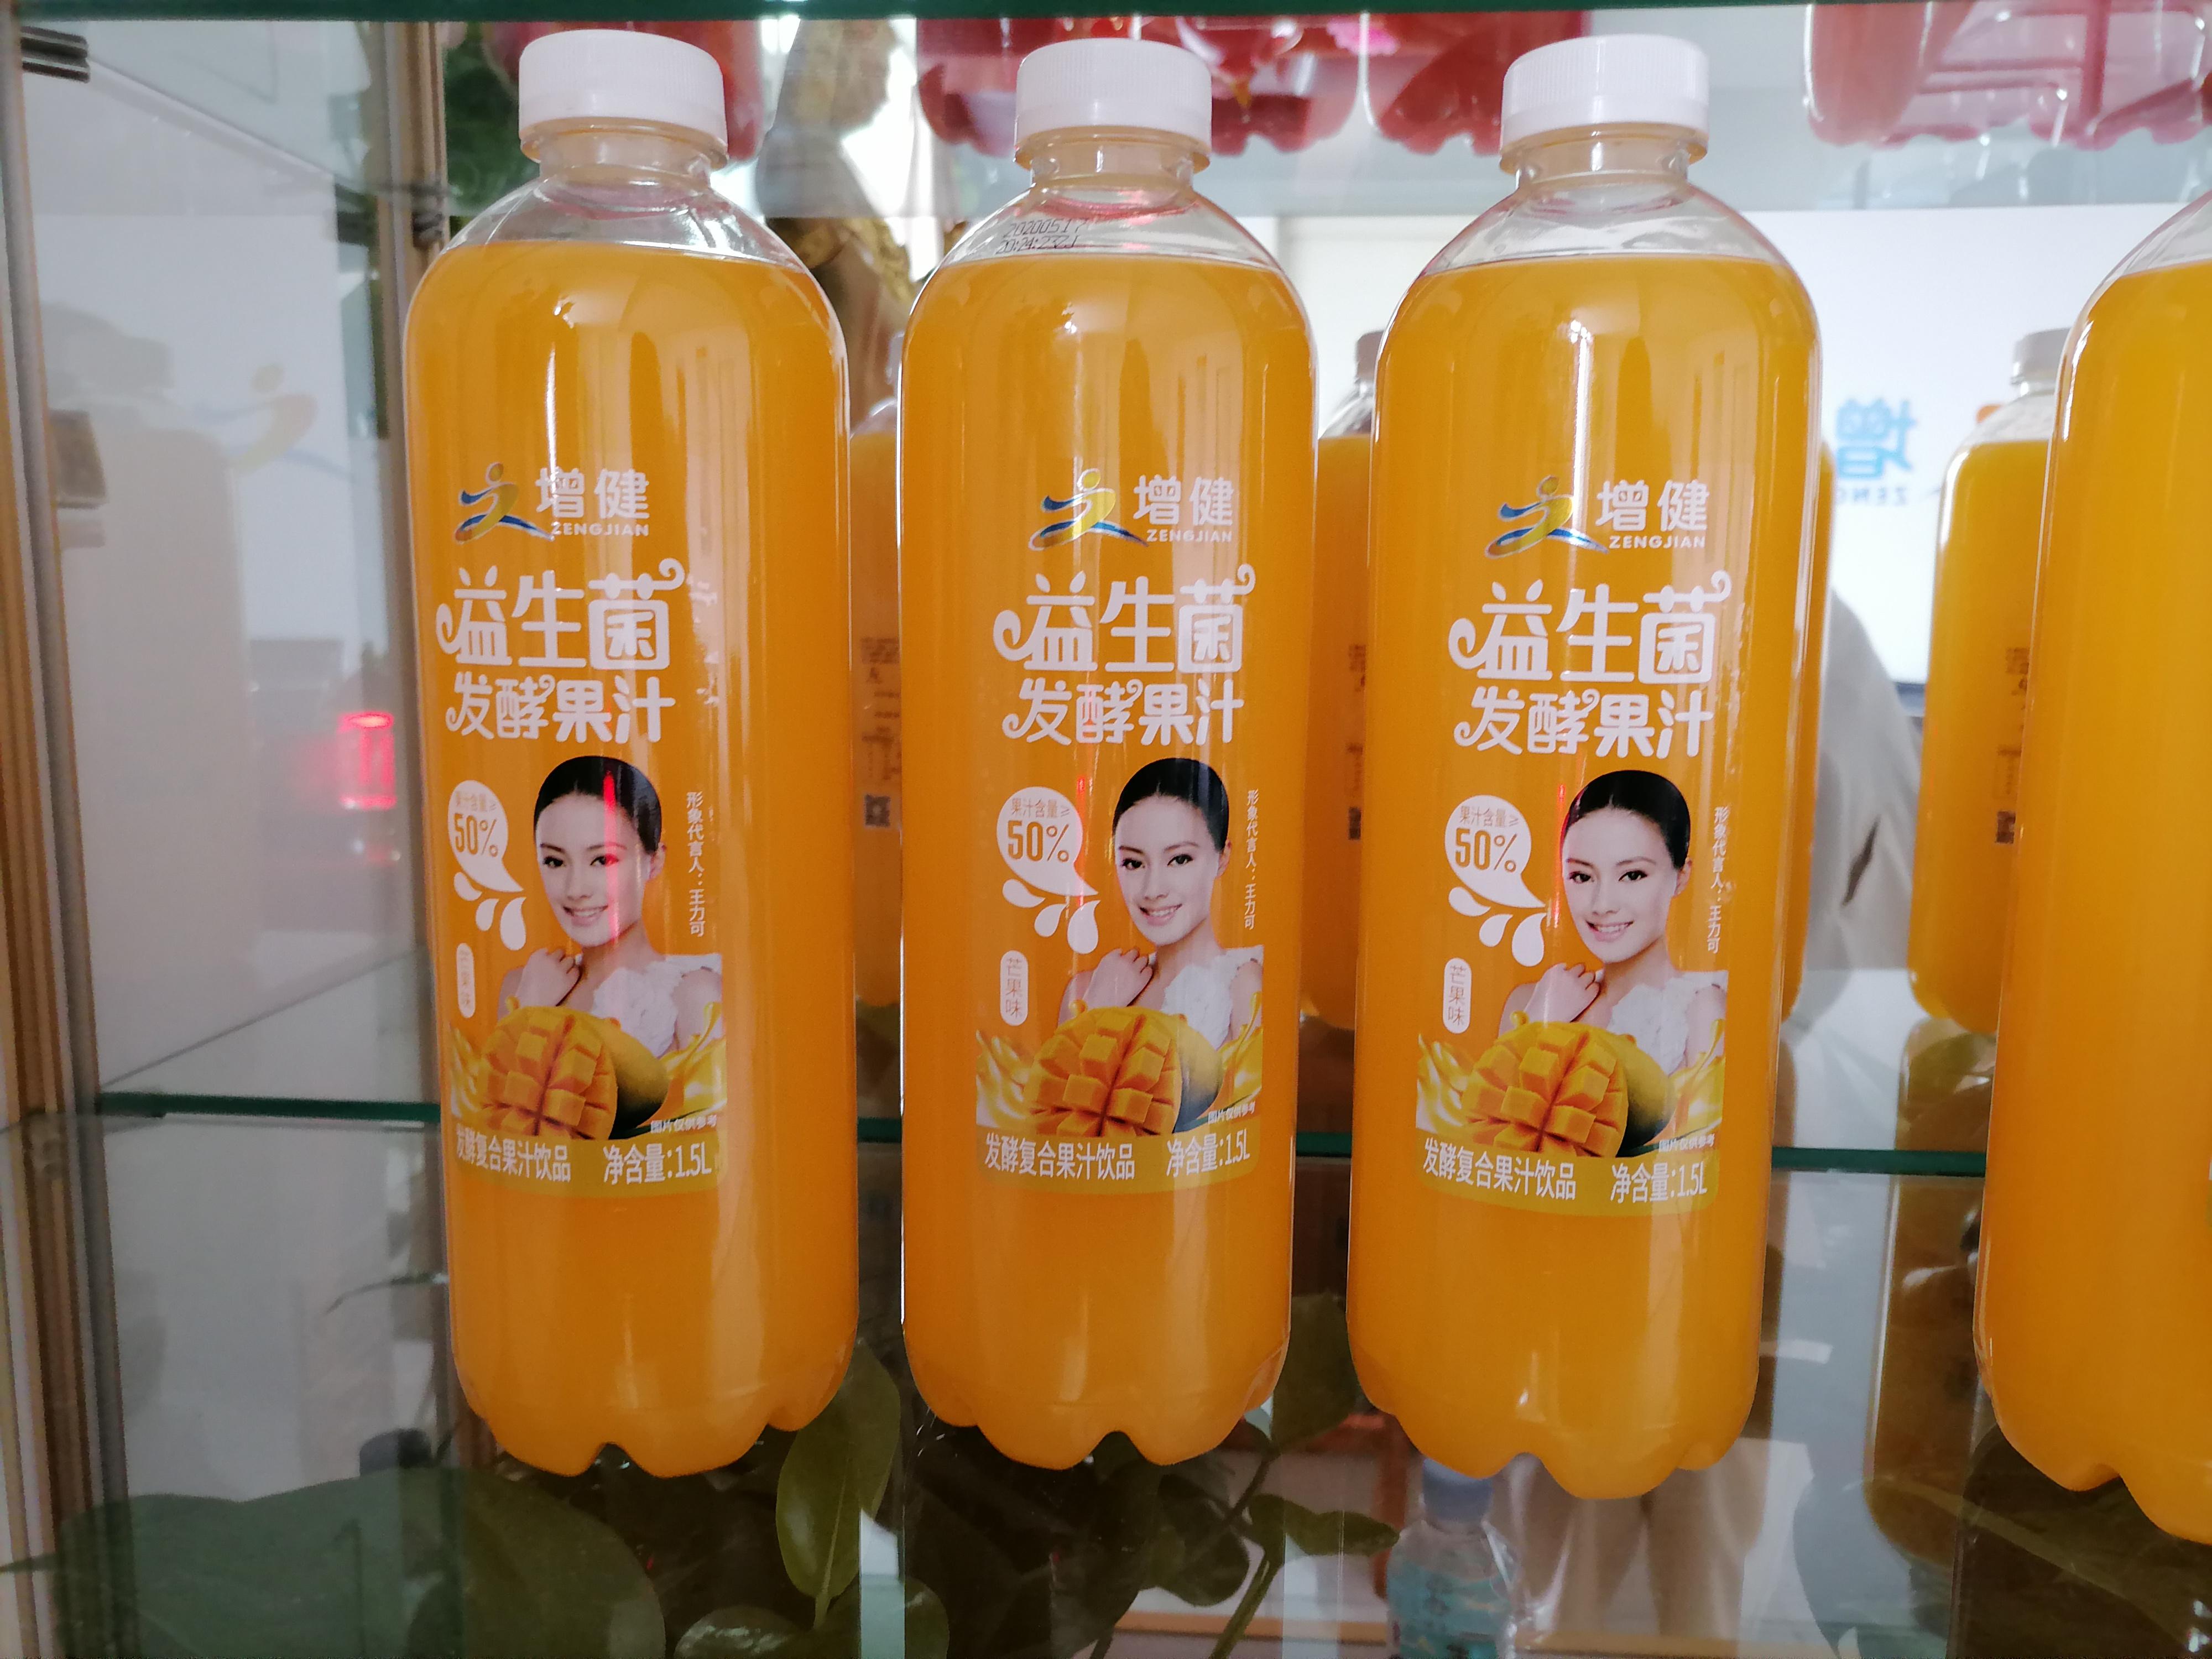 浙江益生菌饮料生产厂家_益生菌饮料厂家相关-河南增健绿色饮品有限公司